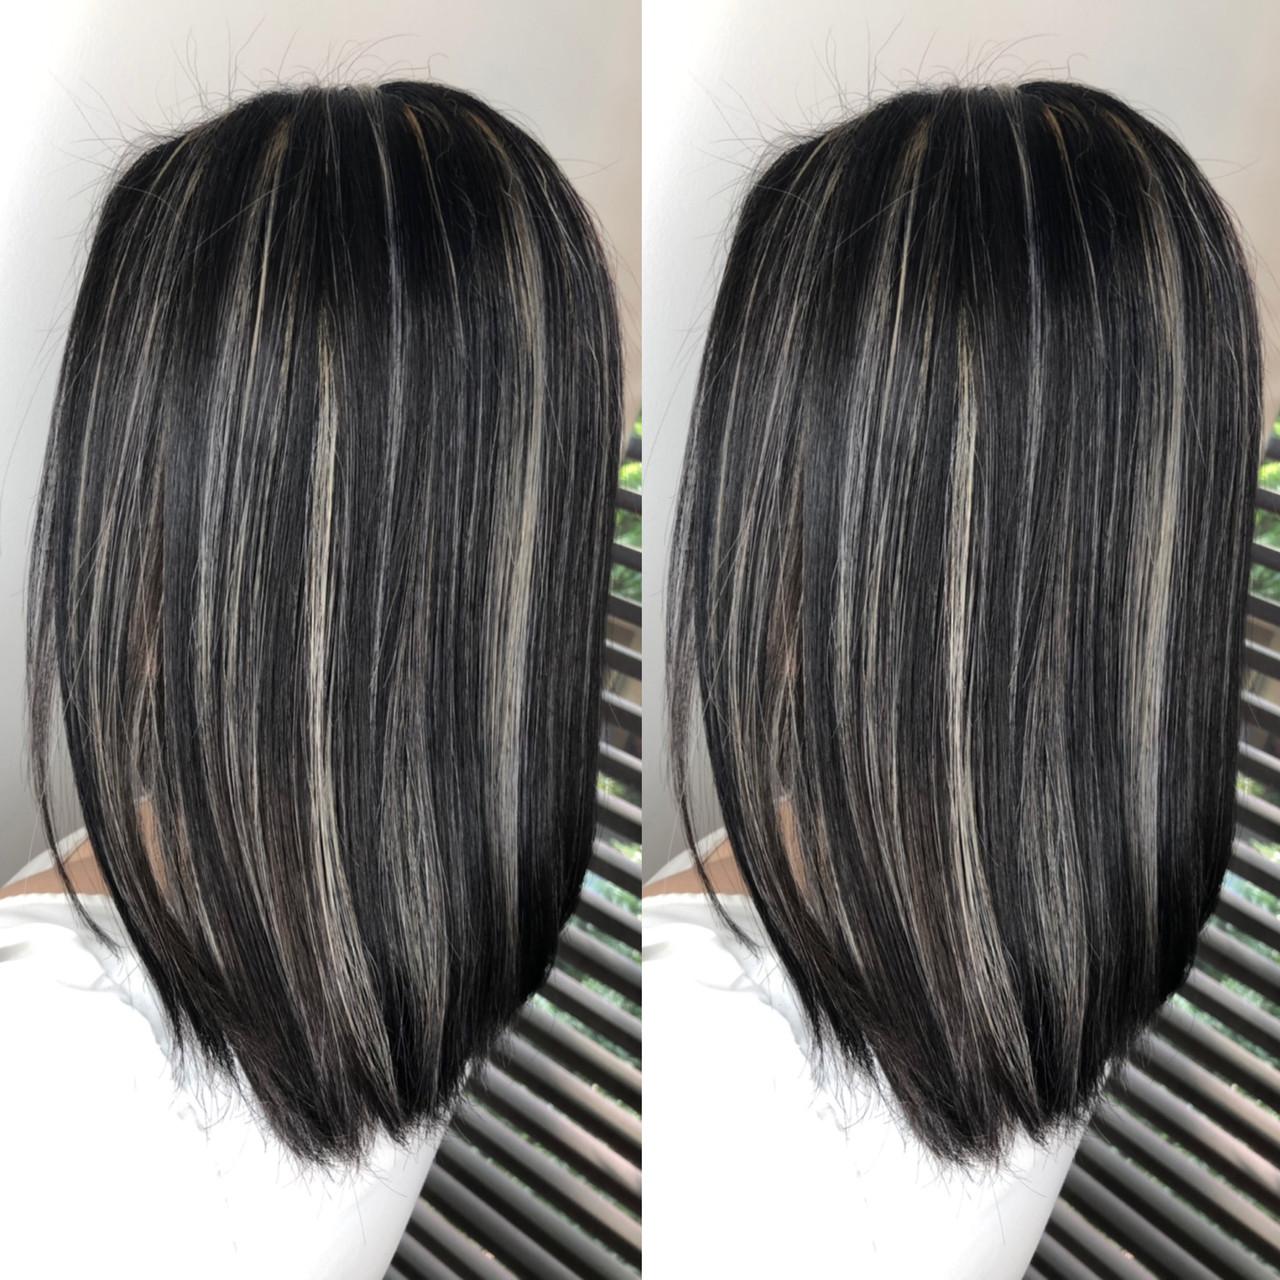 ヘアアレンジ ハイライト バレイヤージュ 外国人風カラー ヘアスタイルや髪型の写真・画像